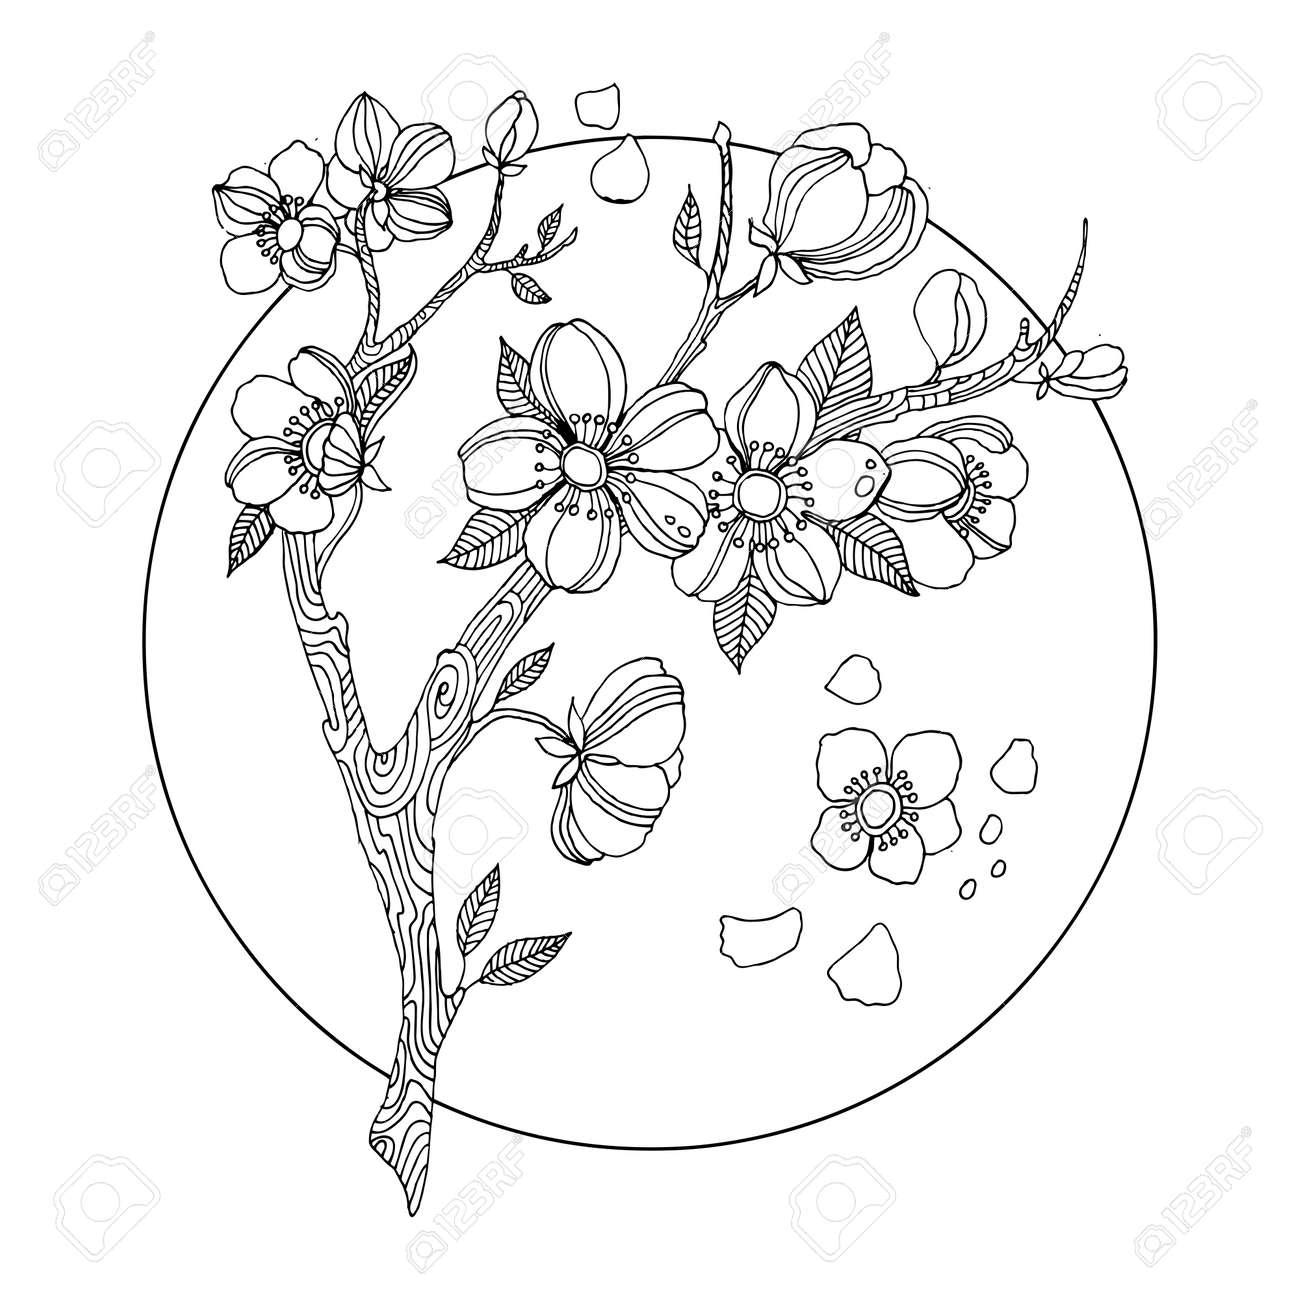 桜塗り絵ベクトル イラスト の写真素材画像素材 Image 71759668